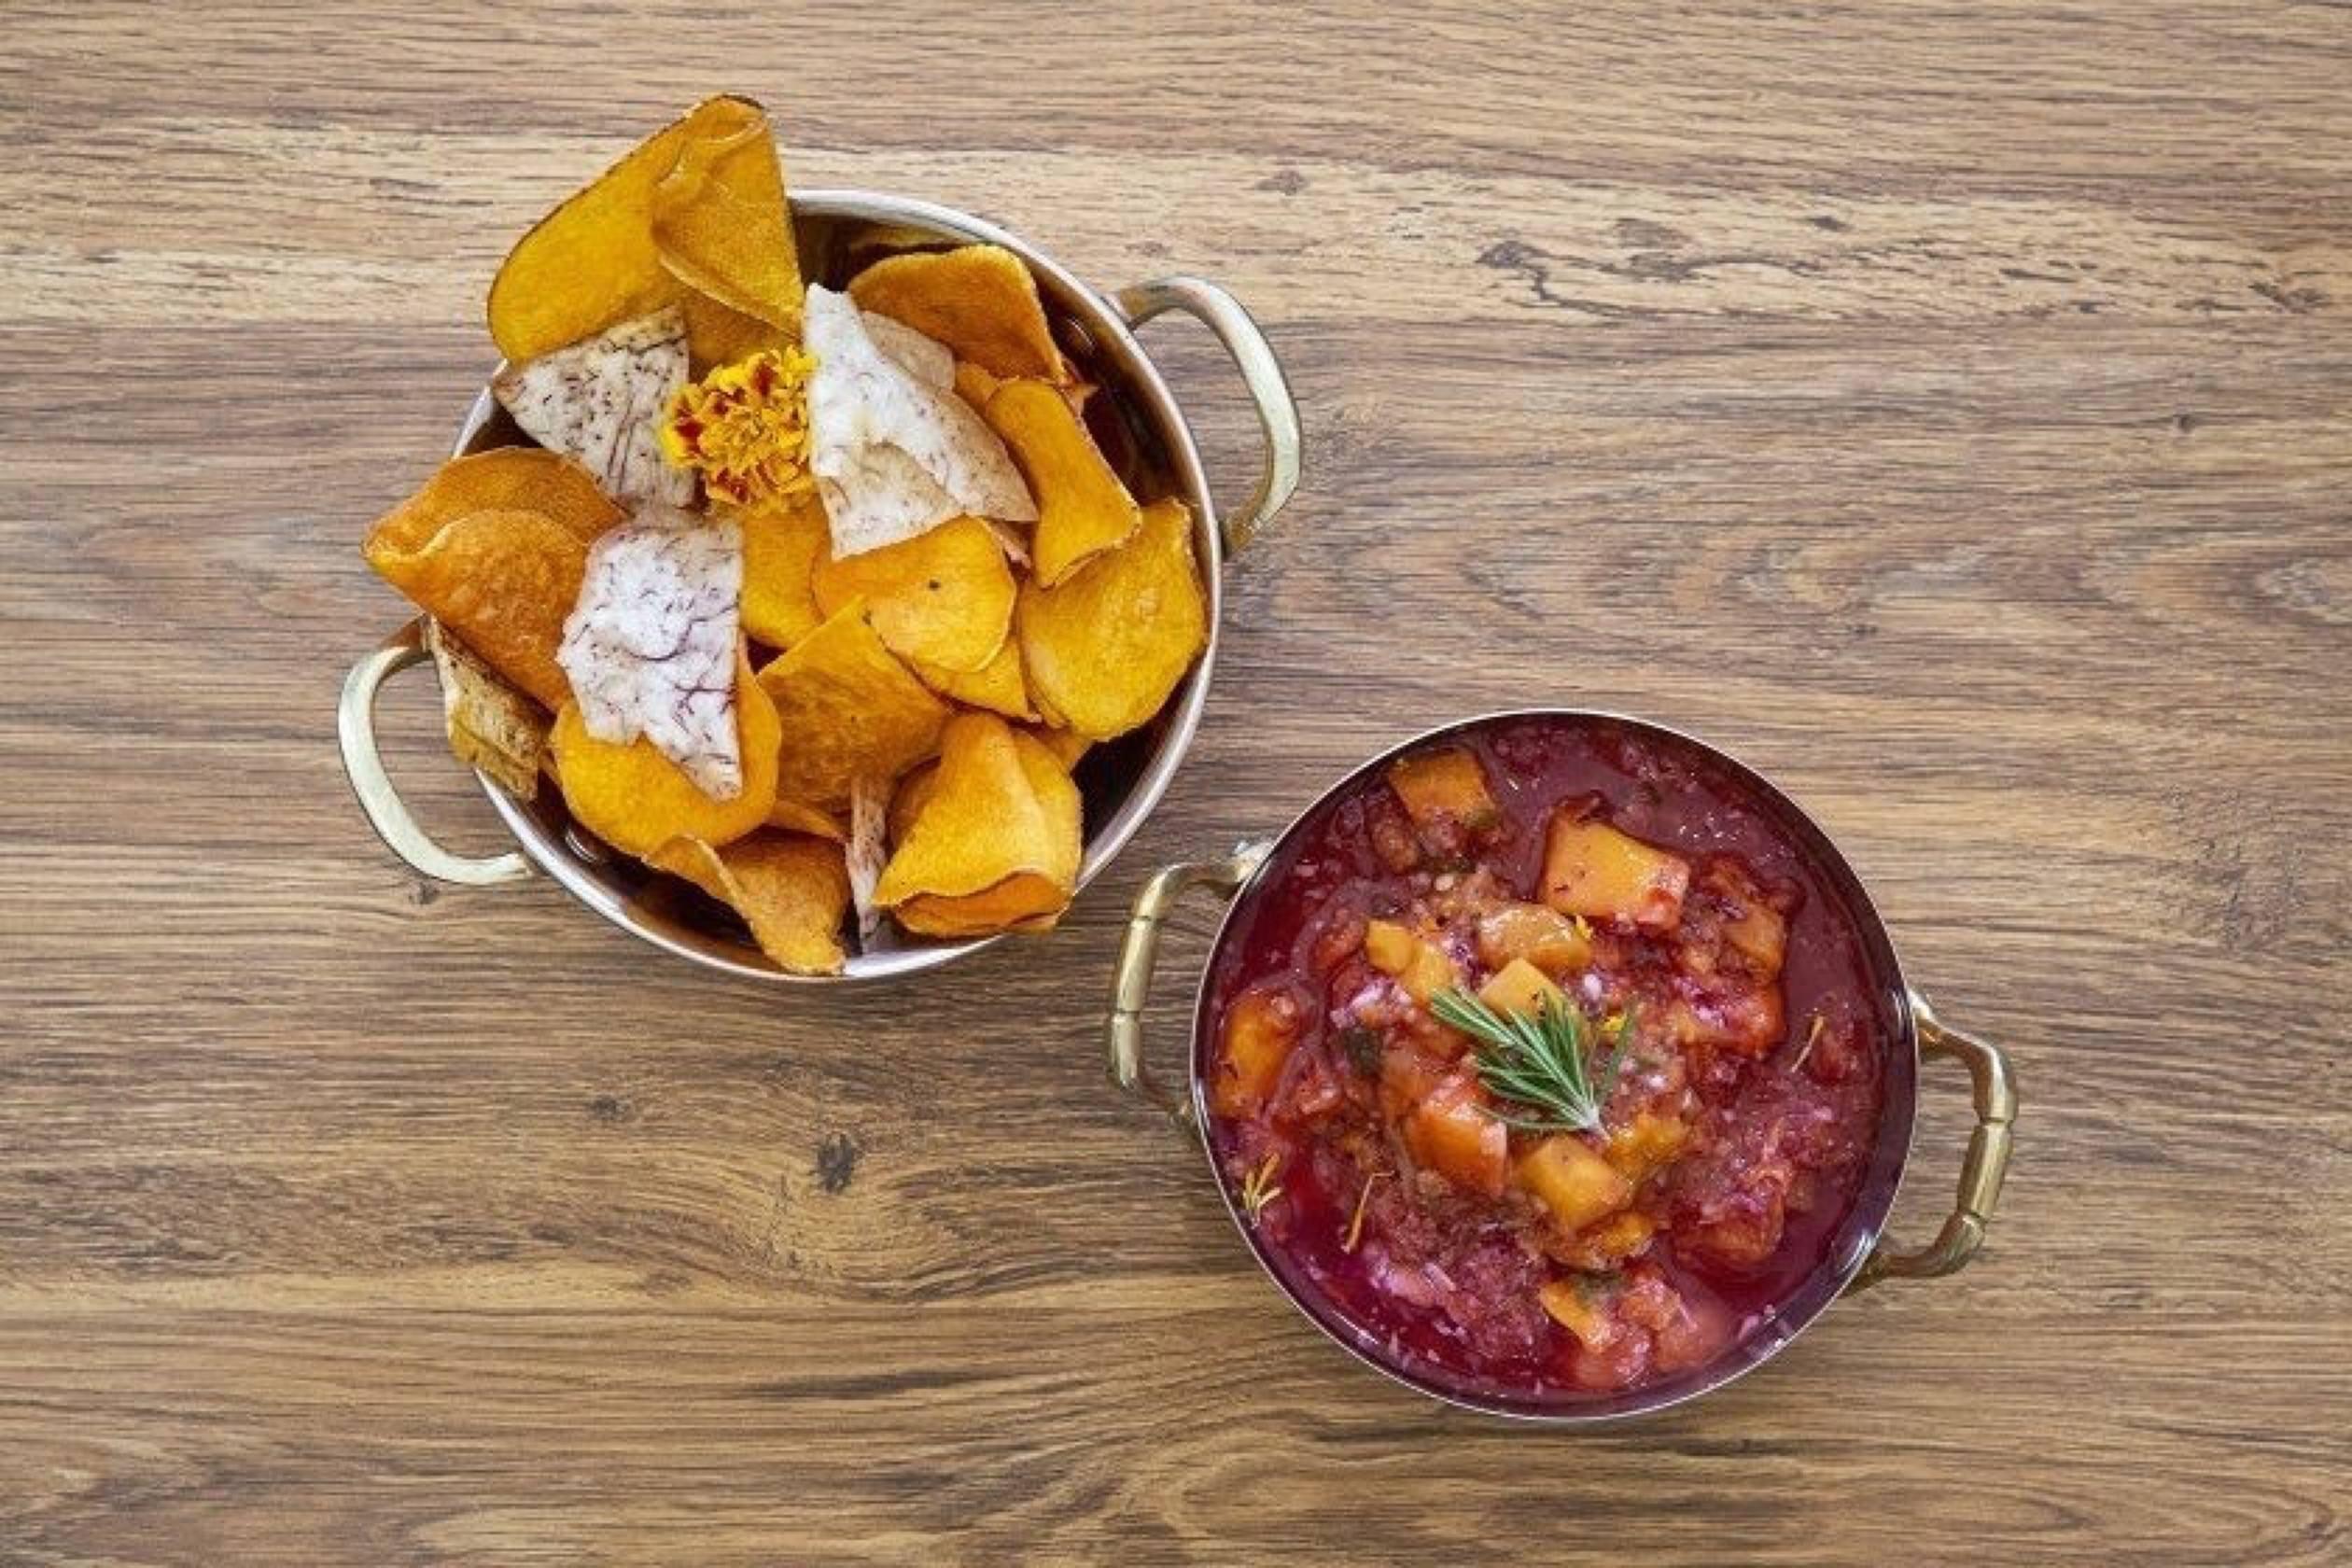 Veggie chips and mango salsa at LaRayia's Bodega in Westlake